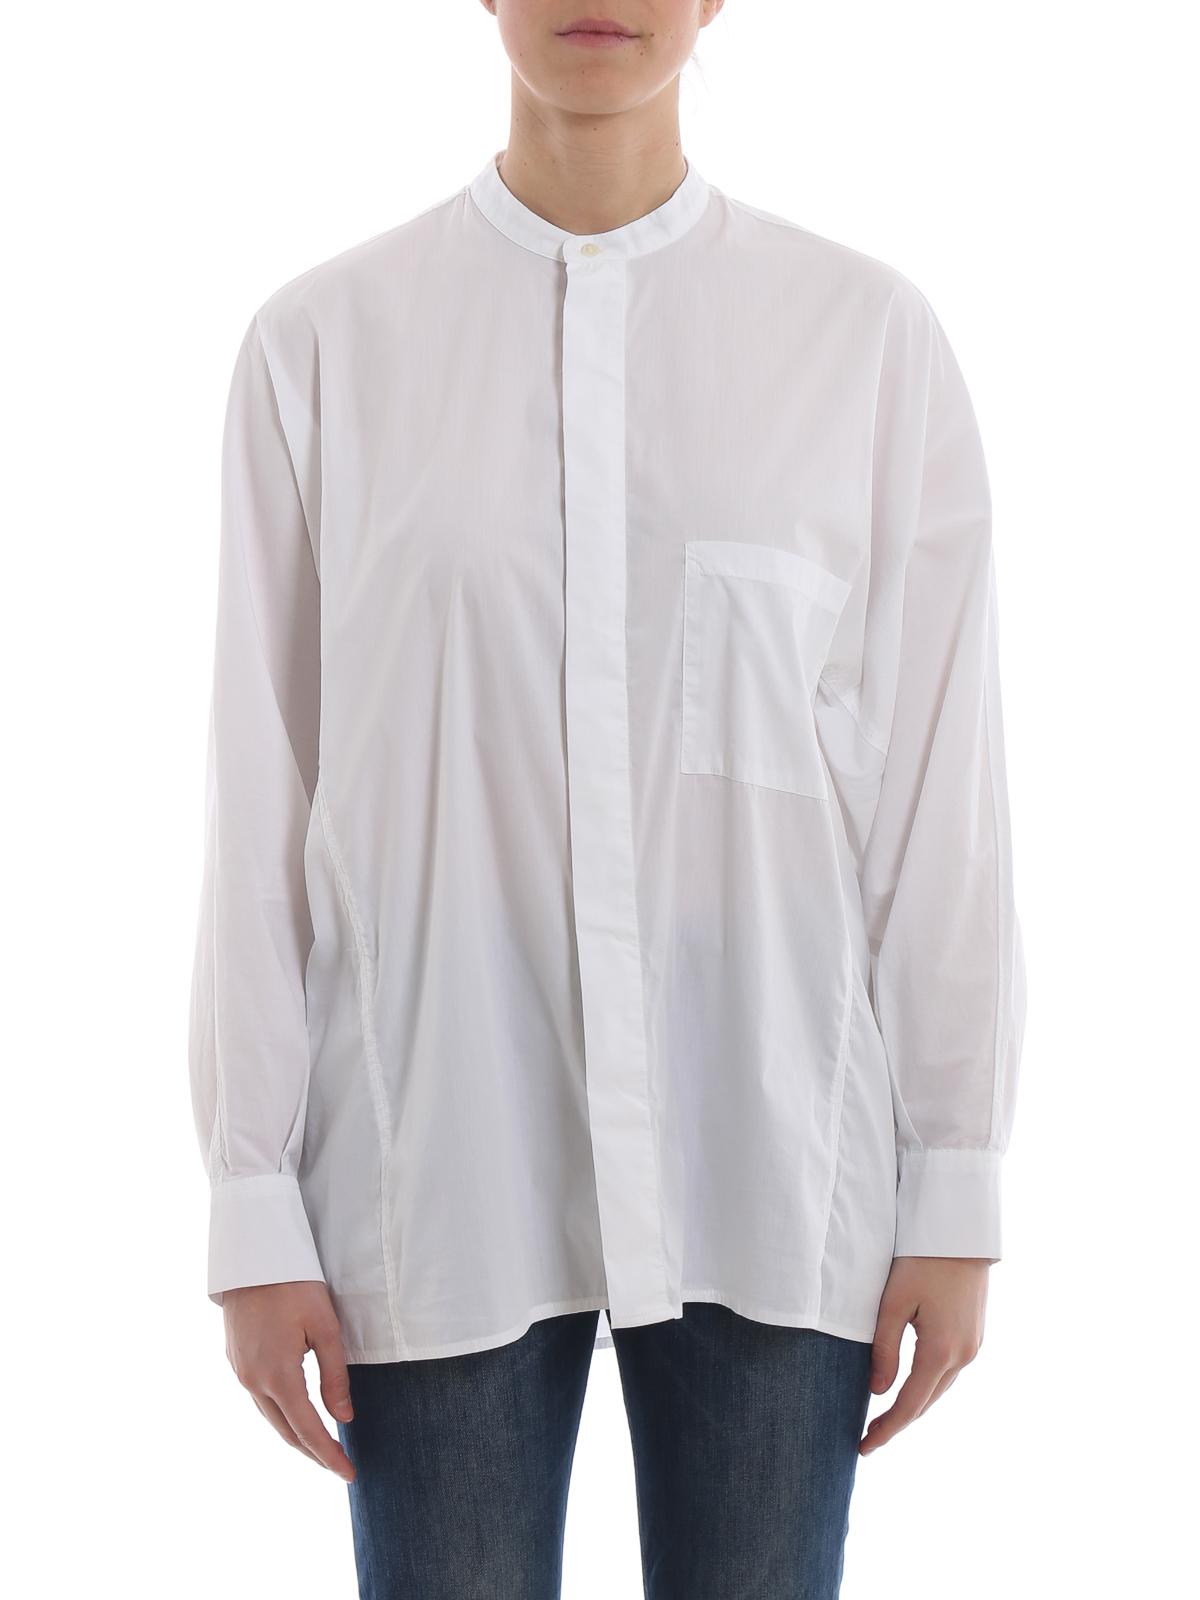 nuovo di zecca 5d404 81d23 Woolrich - Camicia in popeline con maniche a kimono ...